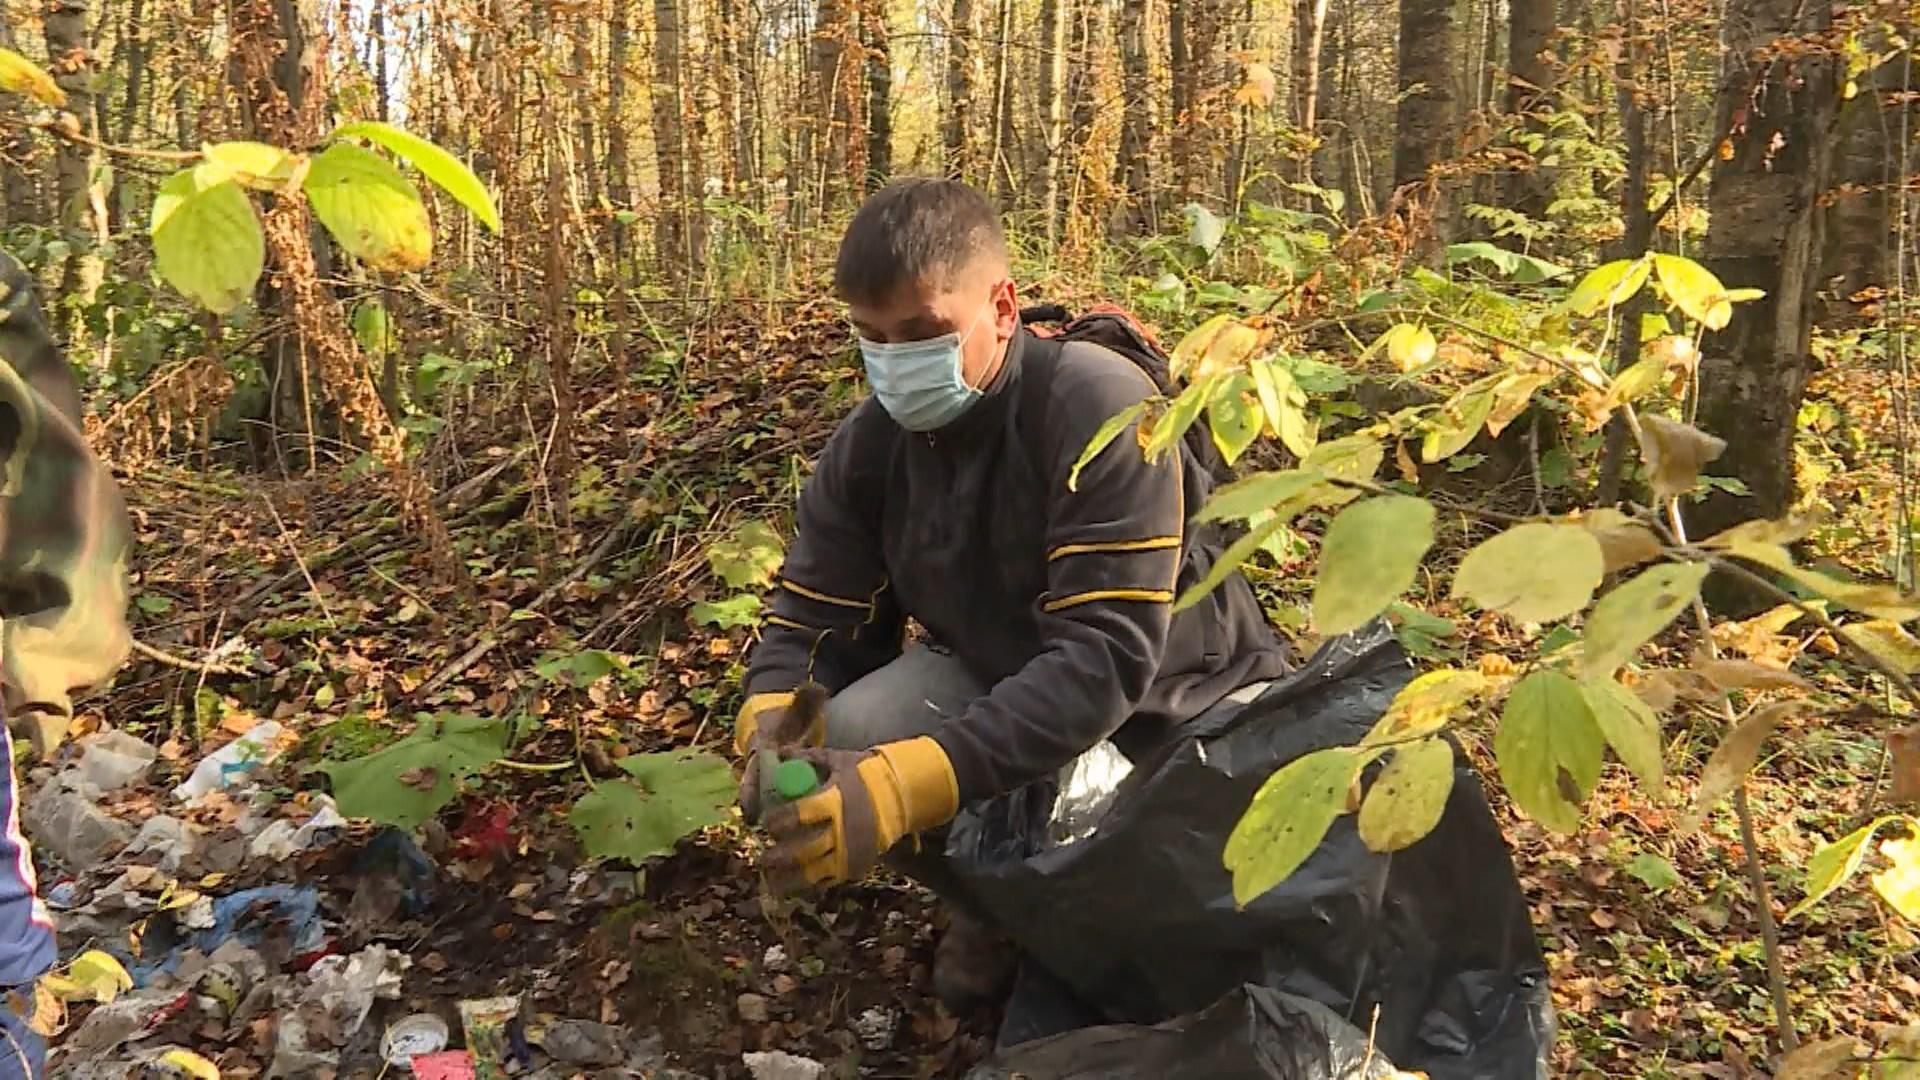 Костромская область присоединится к двум экологическим акциям